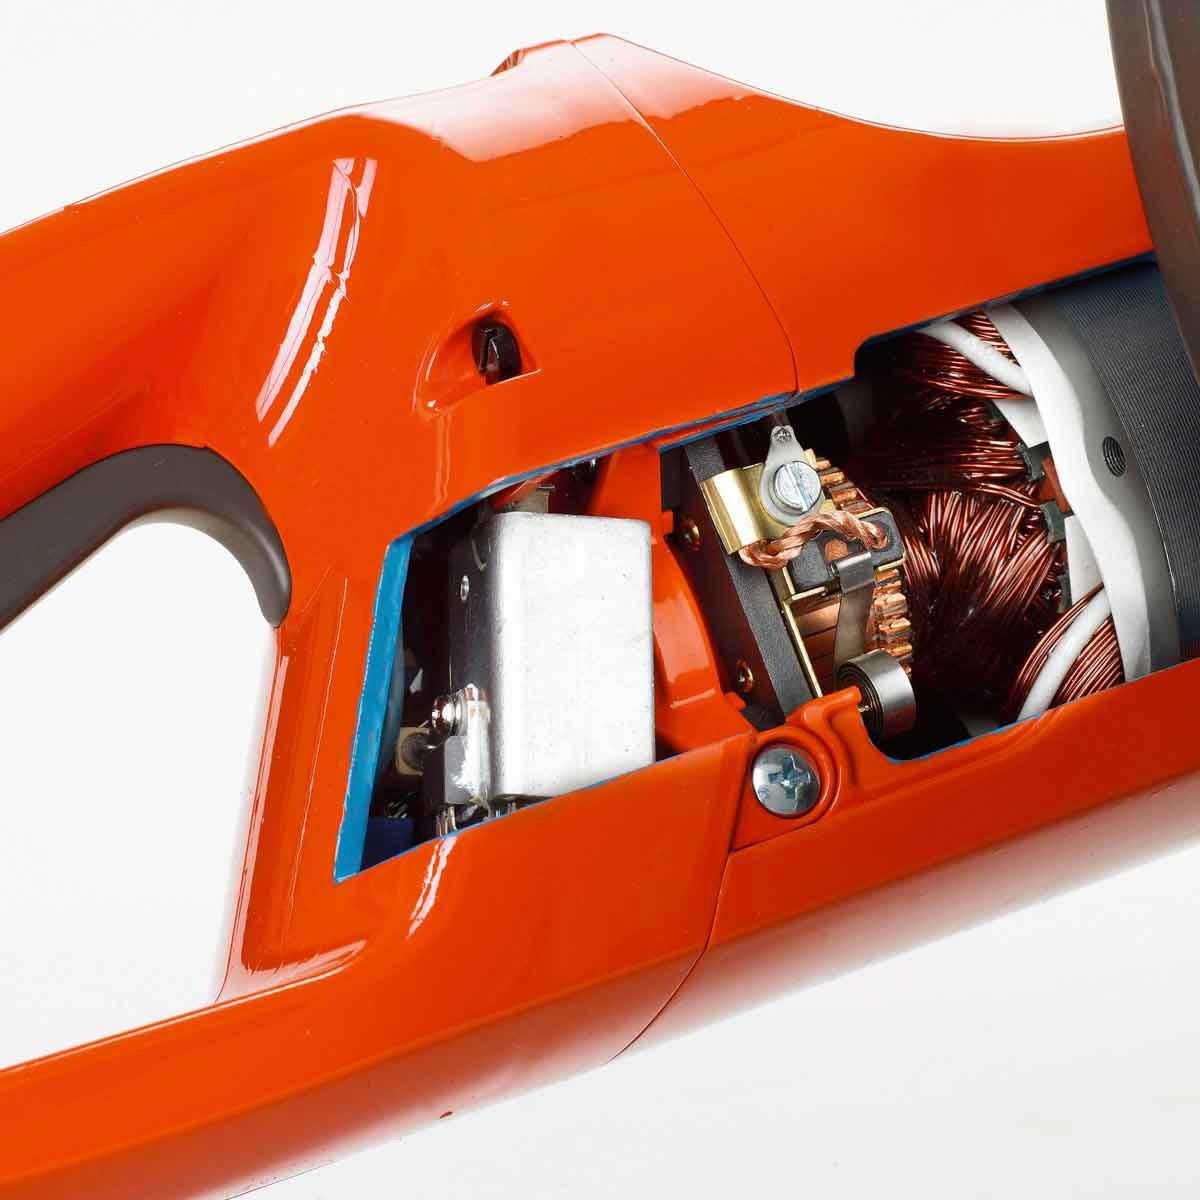 Husqvarna K3000 wiring spool